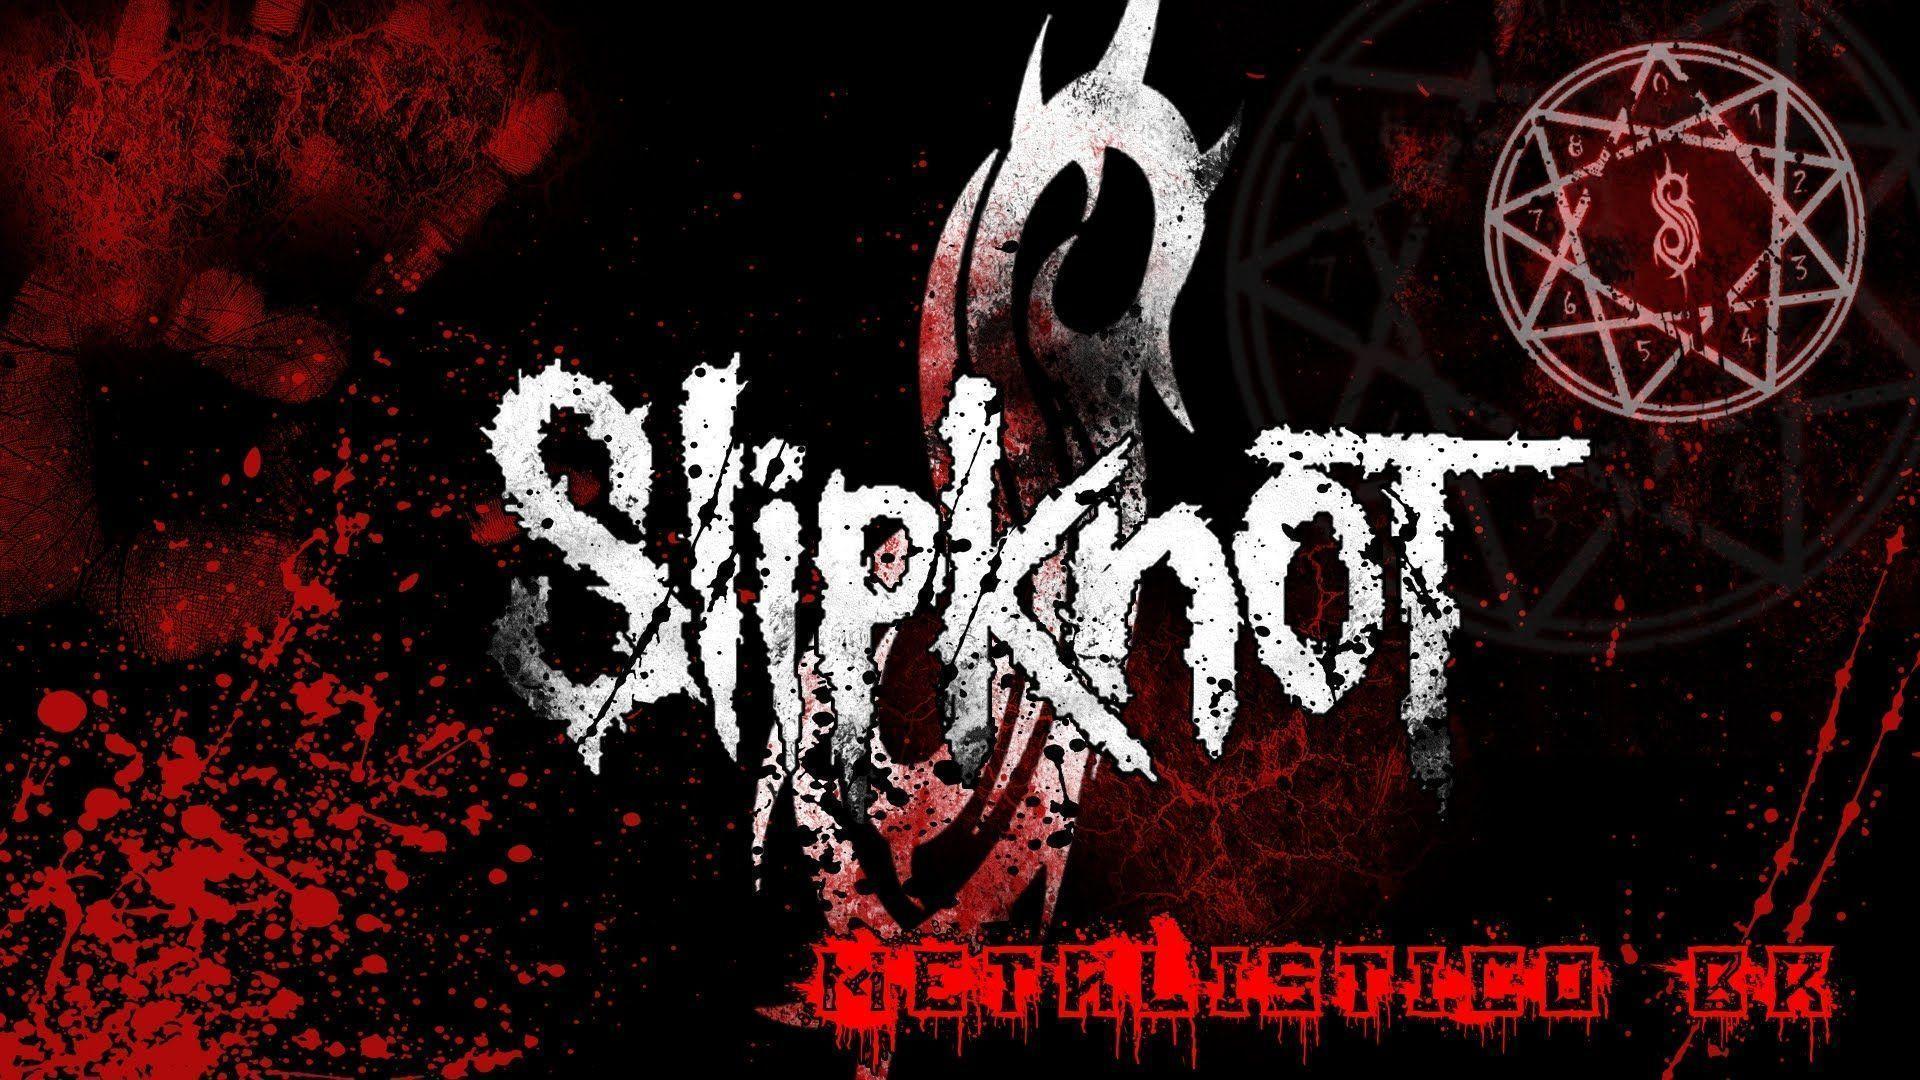 Slipknot 2016 Wallpapers 1920x1080